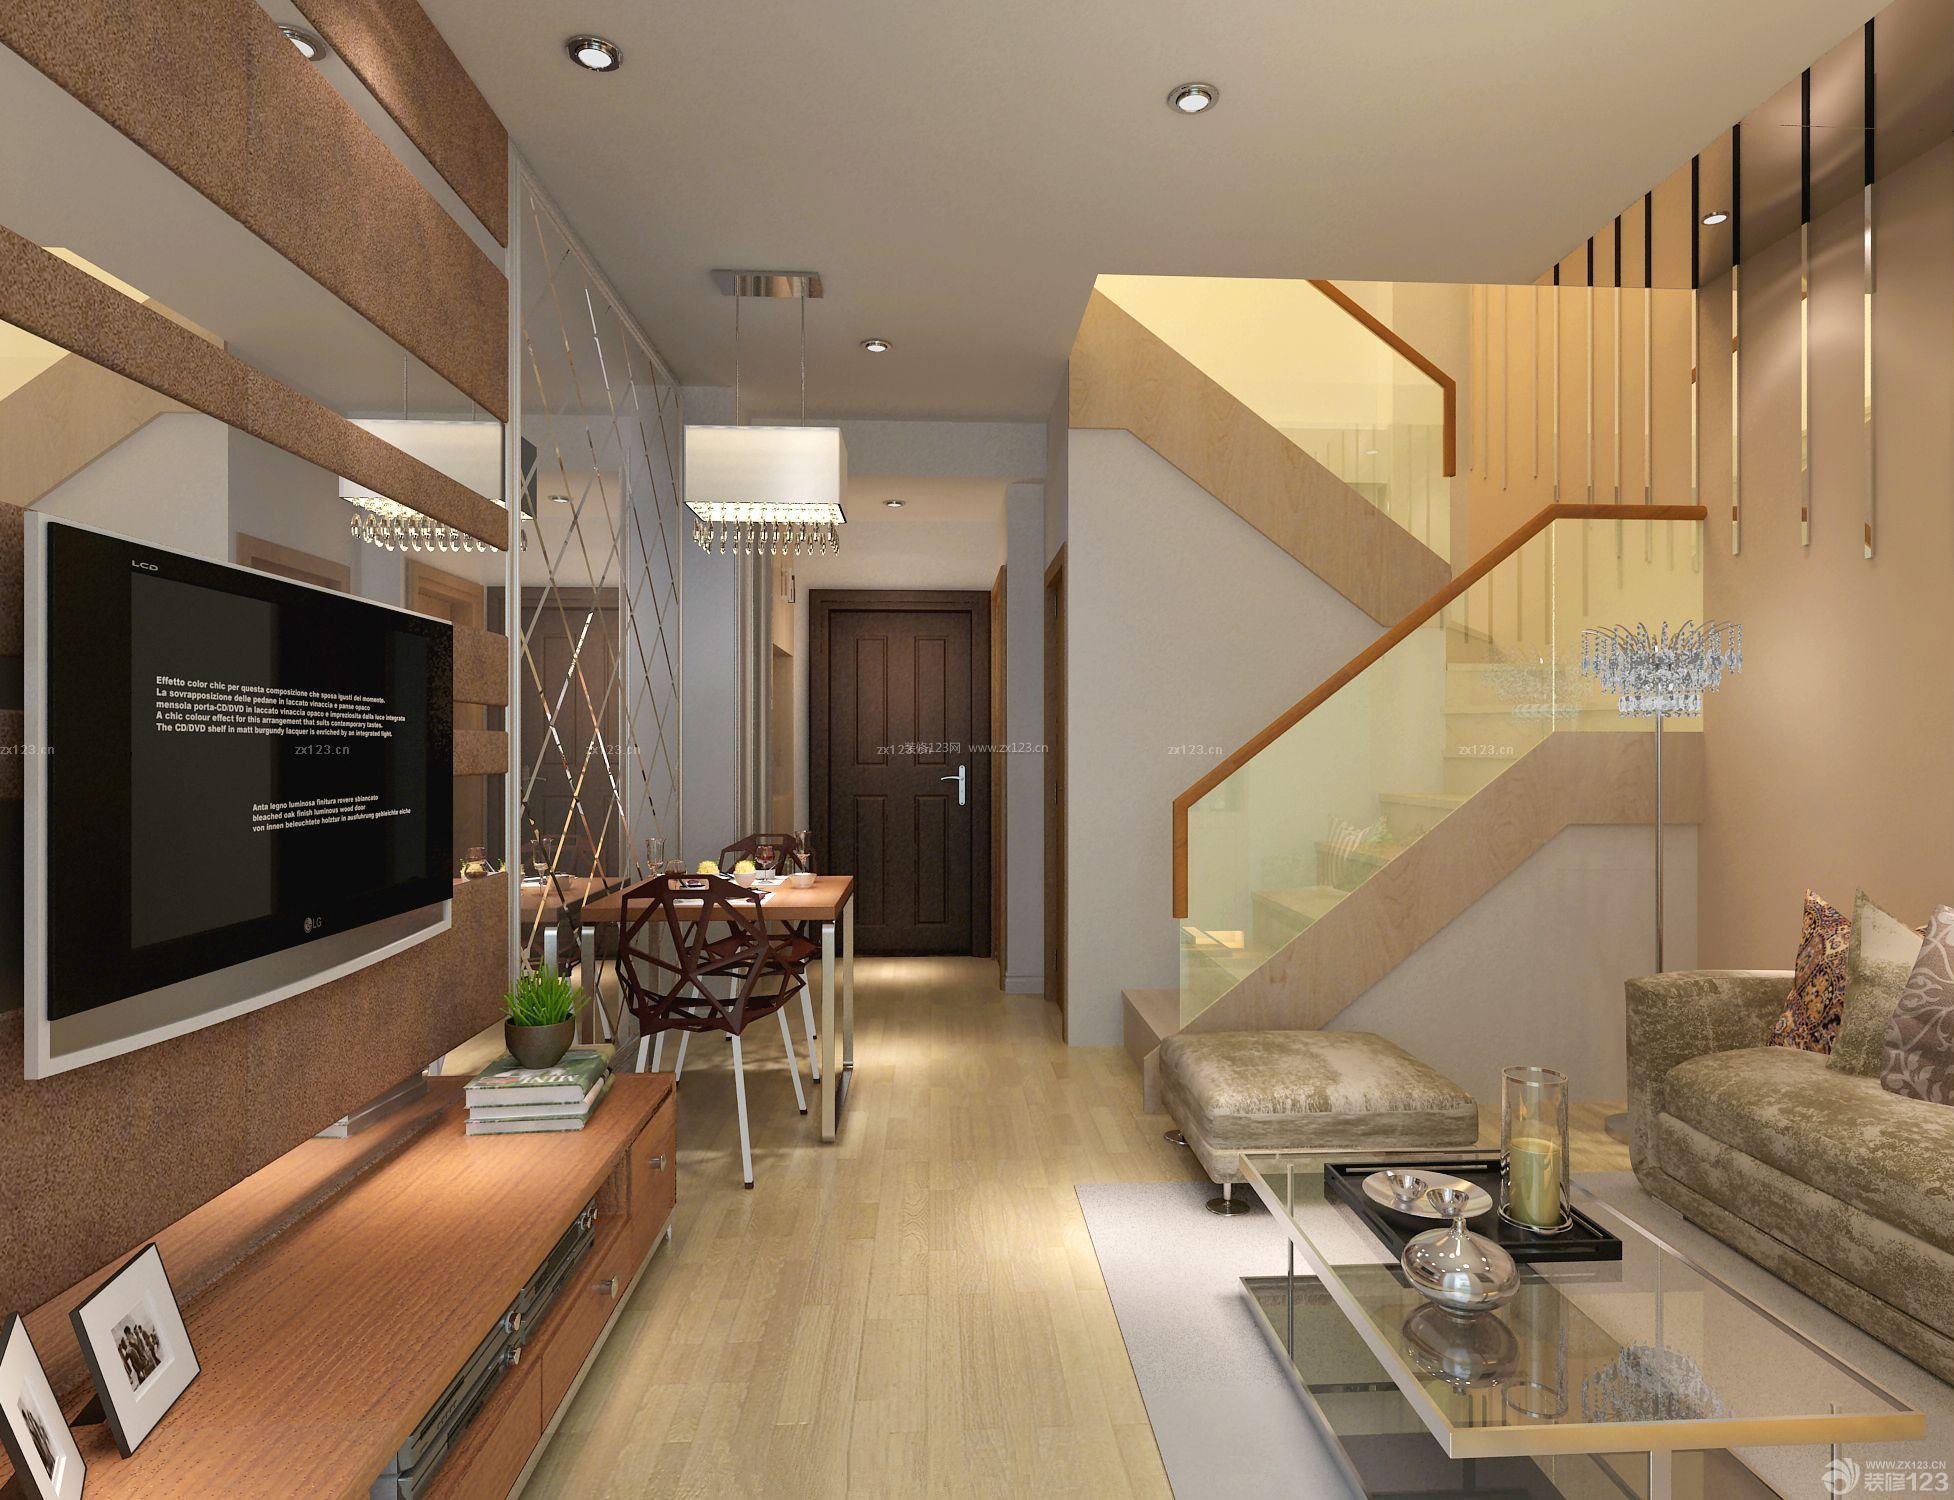 小户型楼中楼装修效果图 楼中楼楼梯 玻璃楼梯扶手